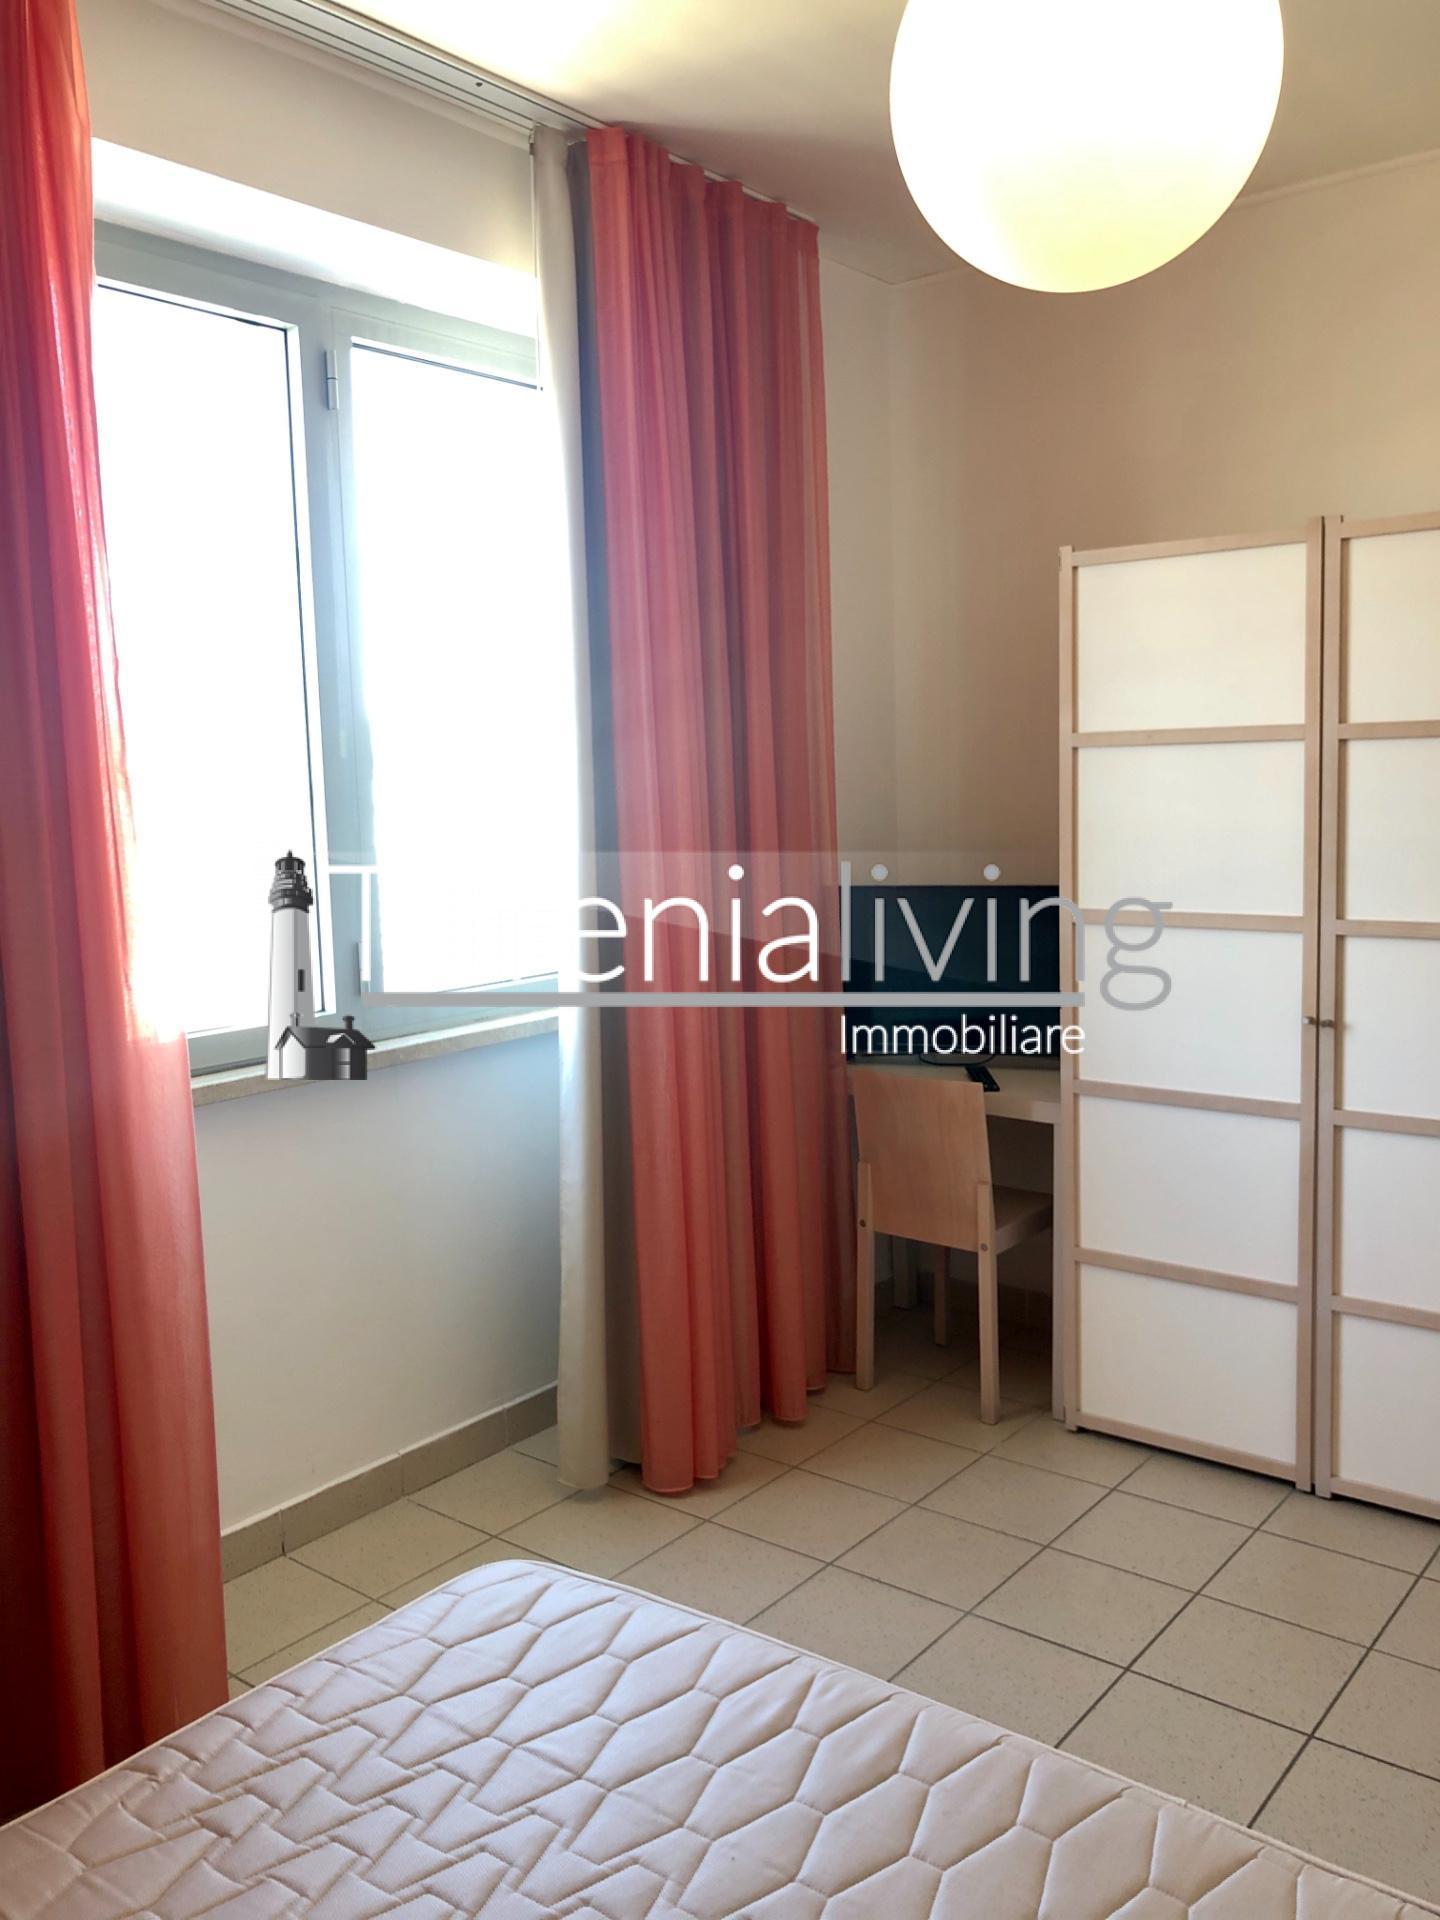 Appartamento in affitto, rif. S-1